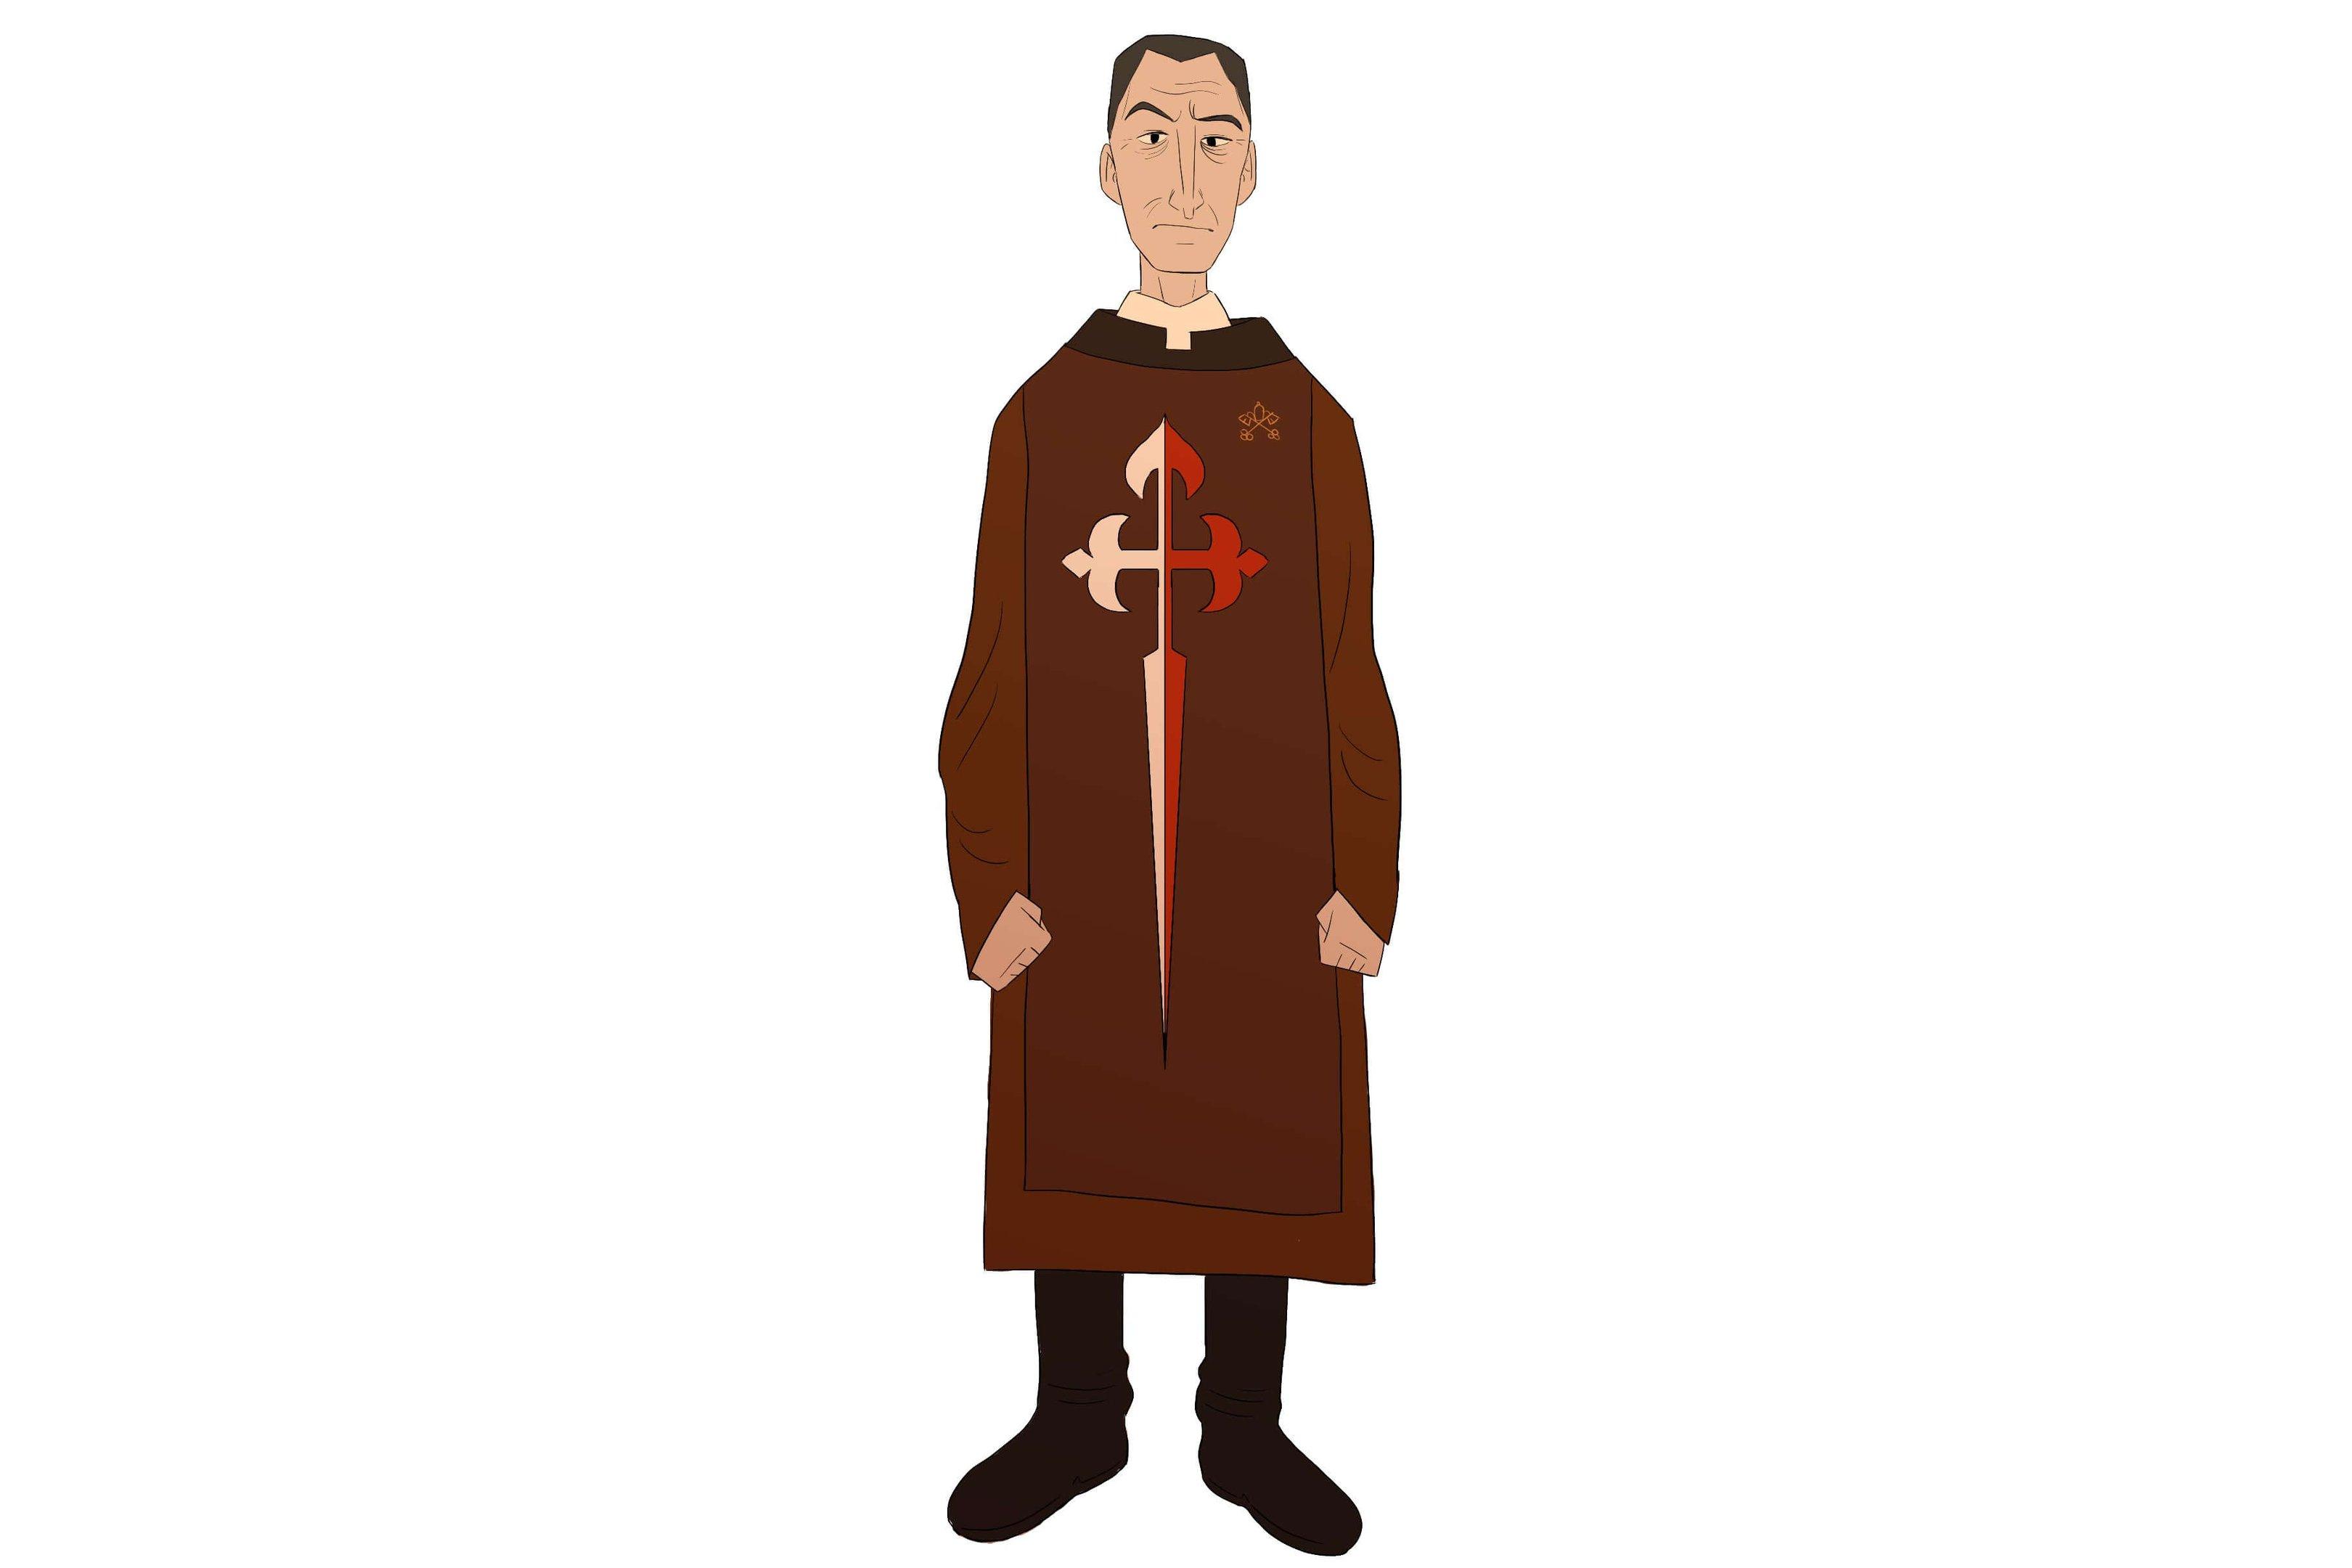 A túnica marrom é reservada aos diáconos e presbíteros. A grande cruz do escapulário, com pontas estilizadas que lembram flores-de-lis, é inspirada em Santiago de Compostela